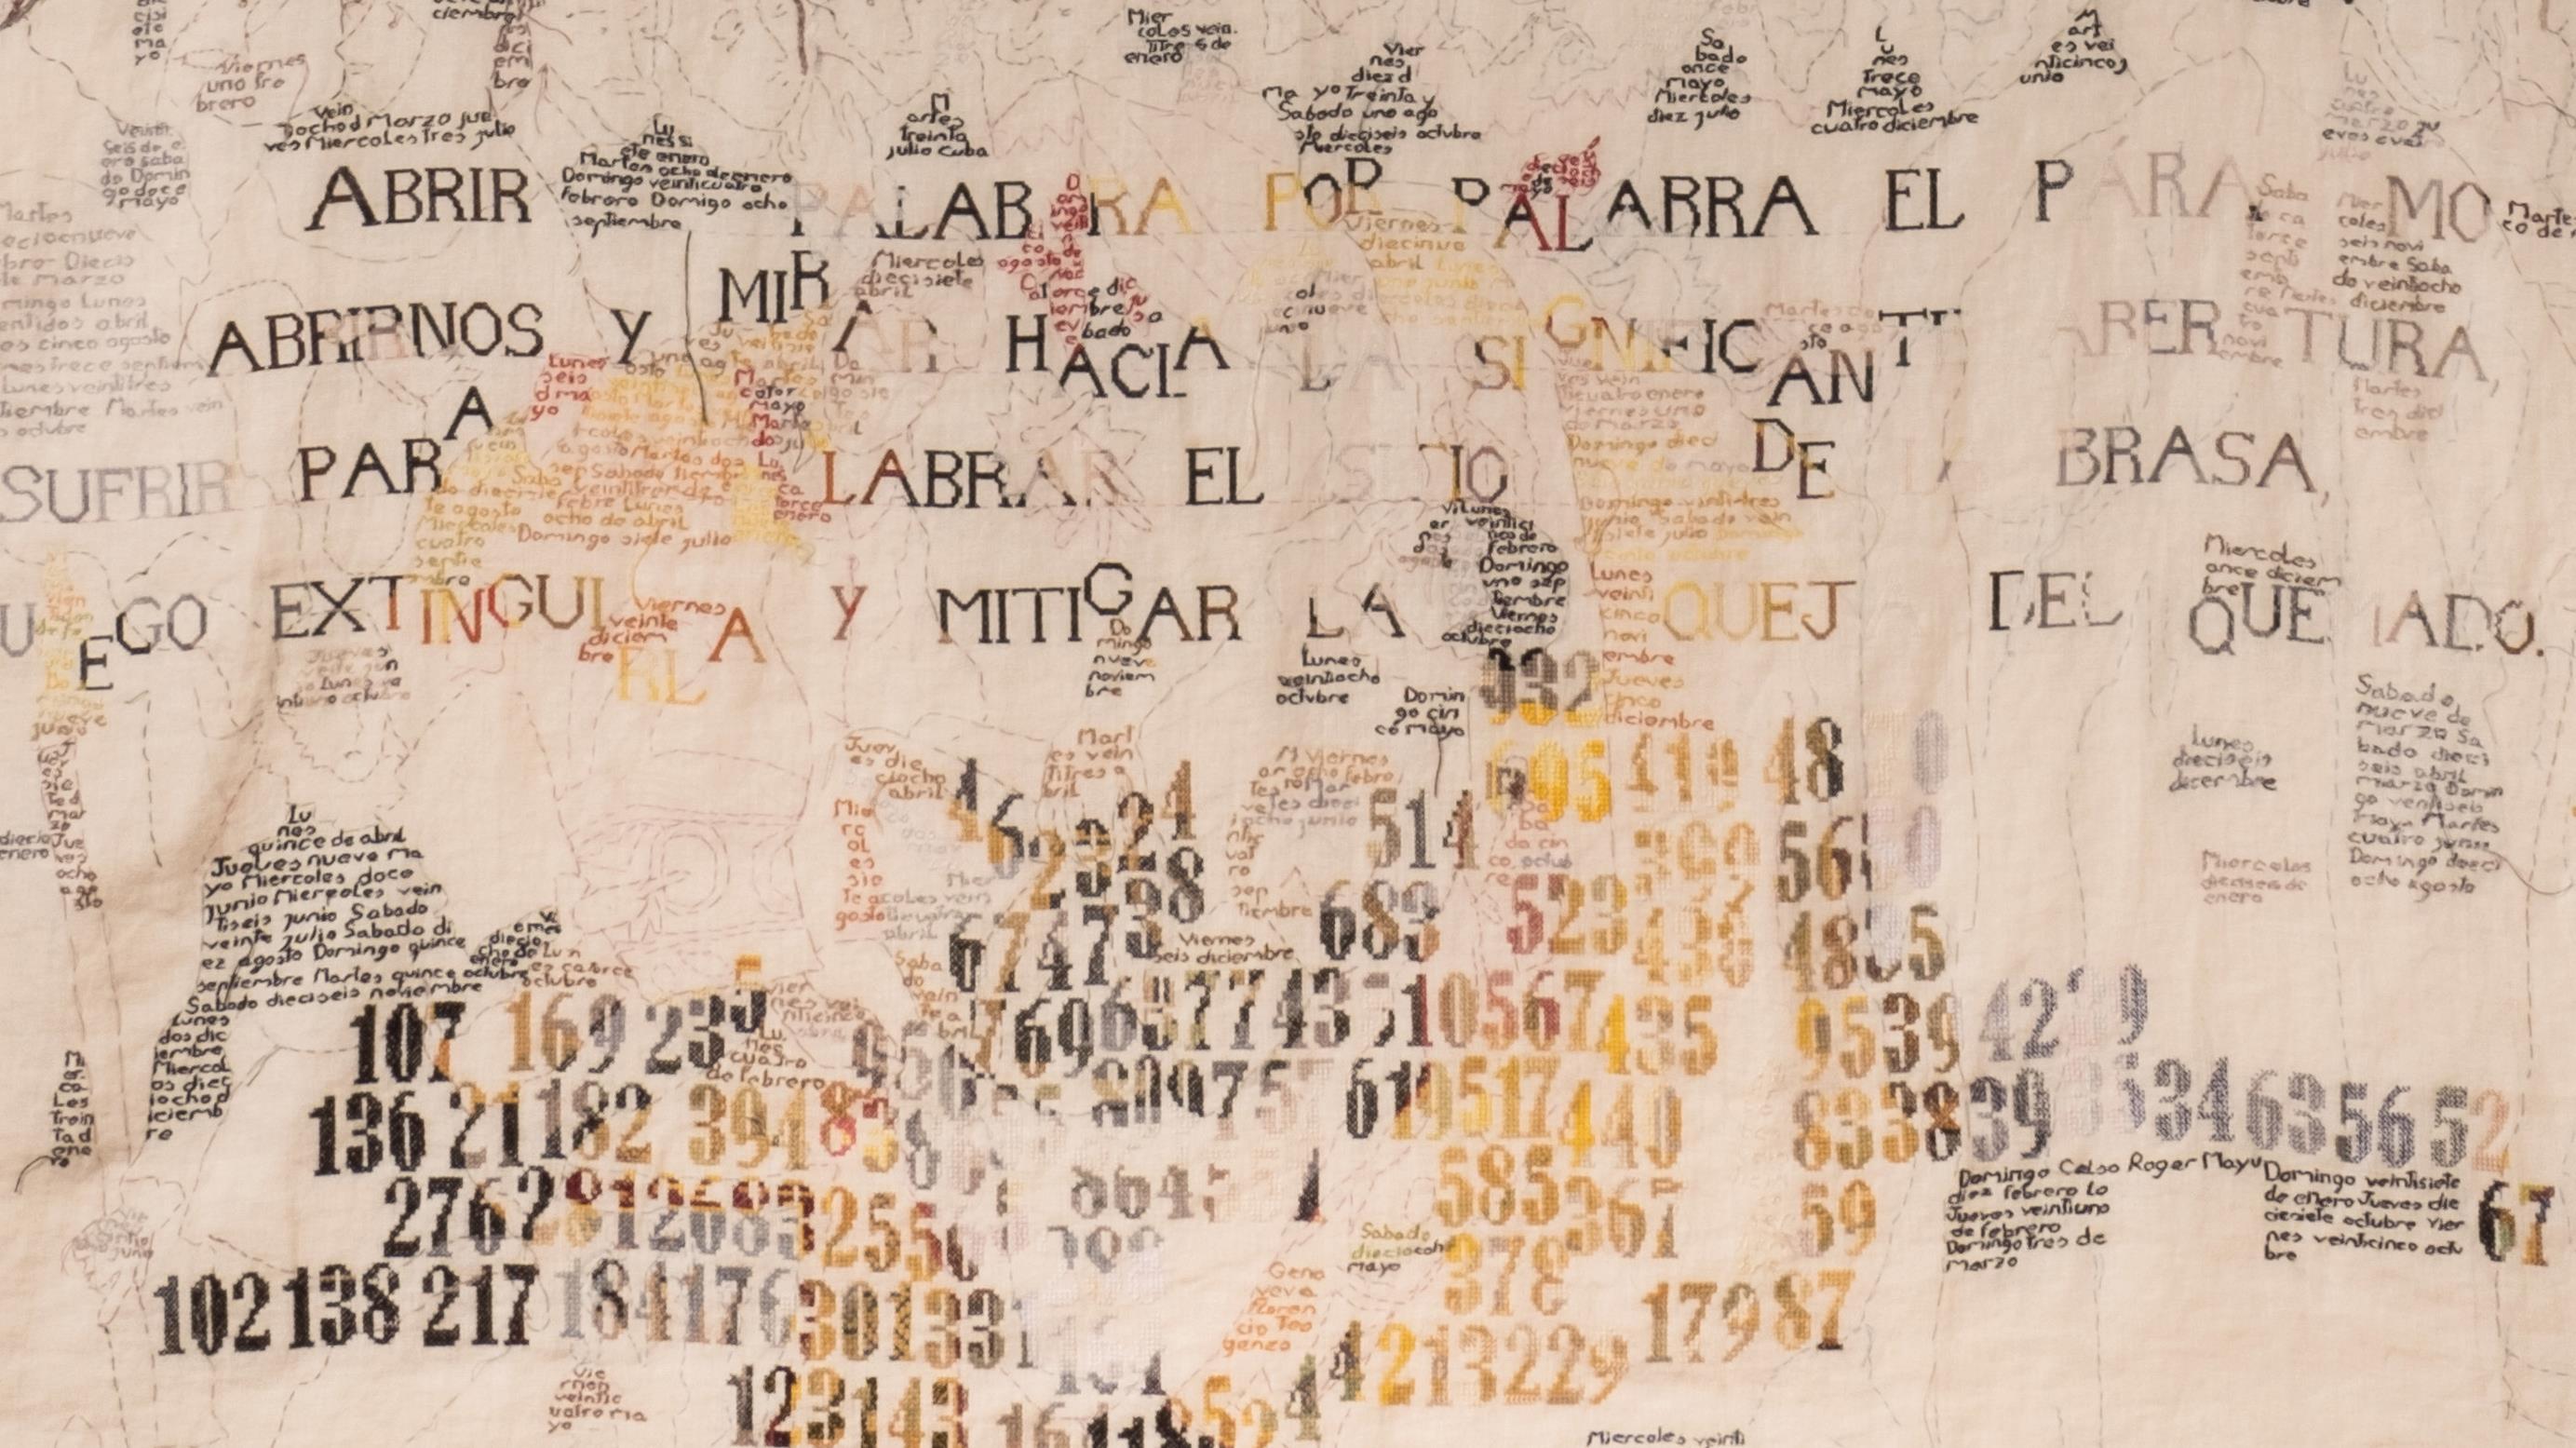 María Gimeno, Abrir palabra por palabra el páramo, 2013-2020 (en proceso). Bordado sobre lino. 210 x 175 cm (detalle)